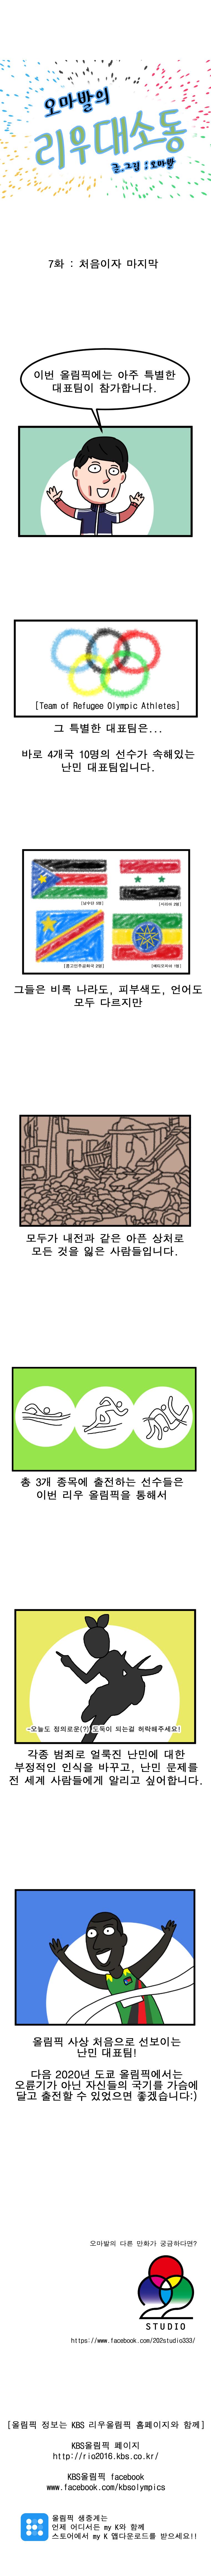 웹툰 이미지